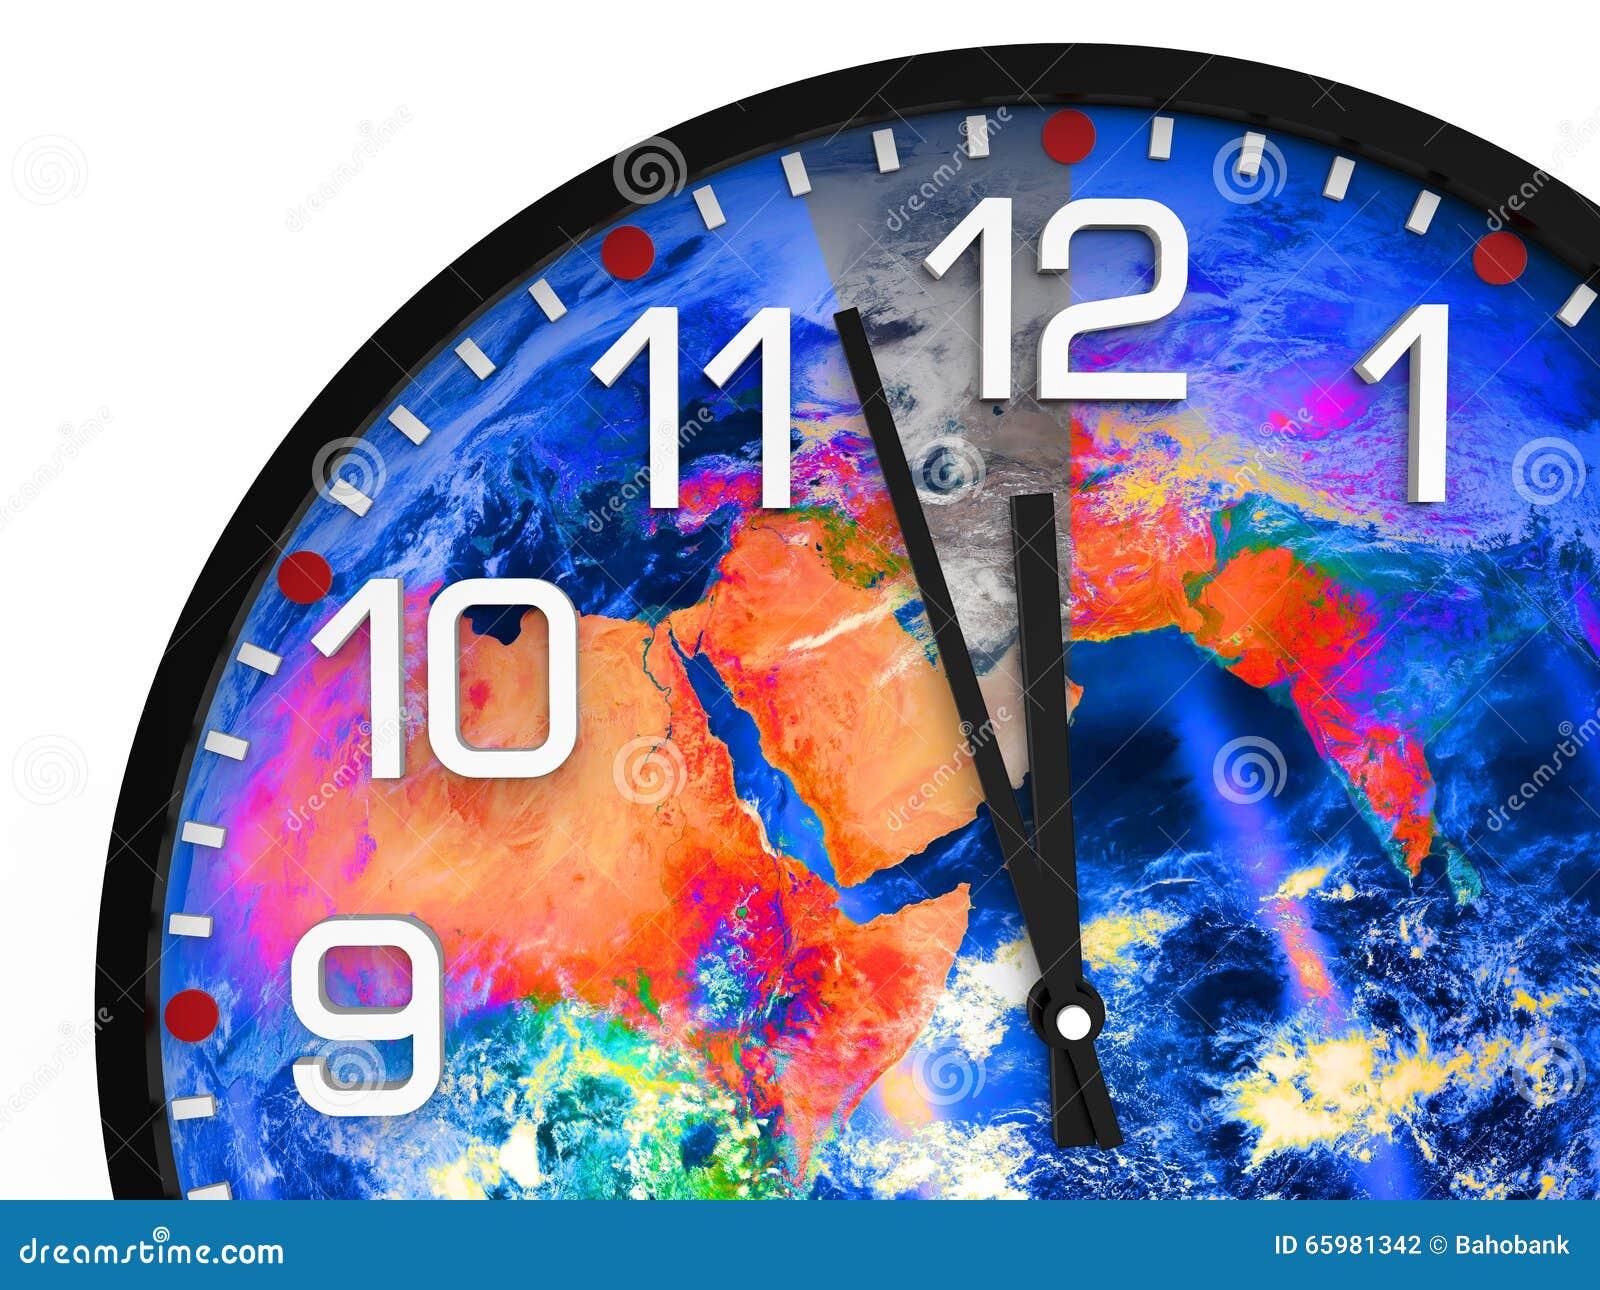 Παγκόσμιος χρόνος Ημέρα της Κρίσεως 23 57 ώρες/στοιχεία αυτής της εικόνας που εφοδιάζεται από τη NASA